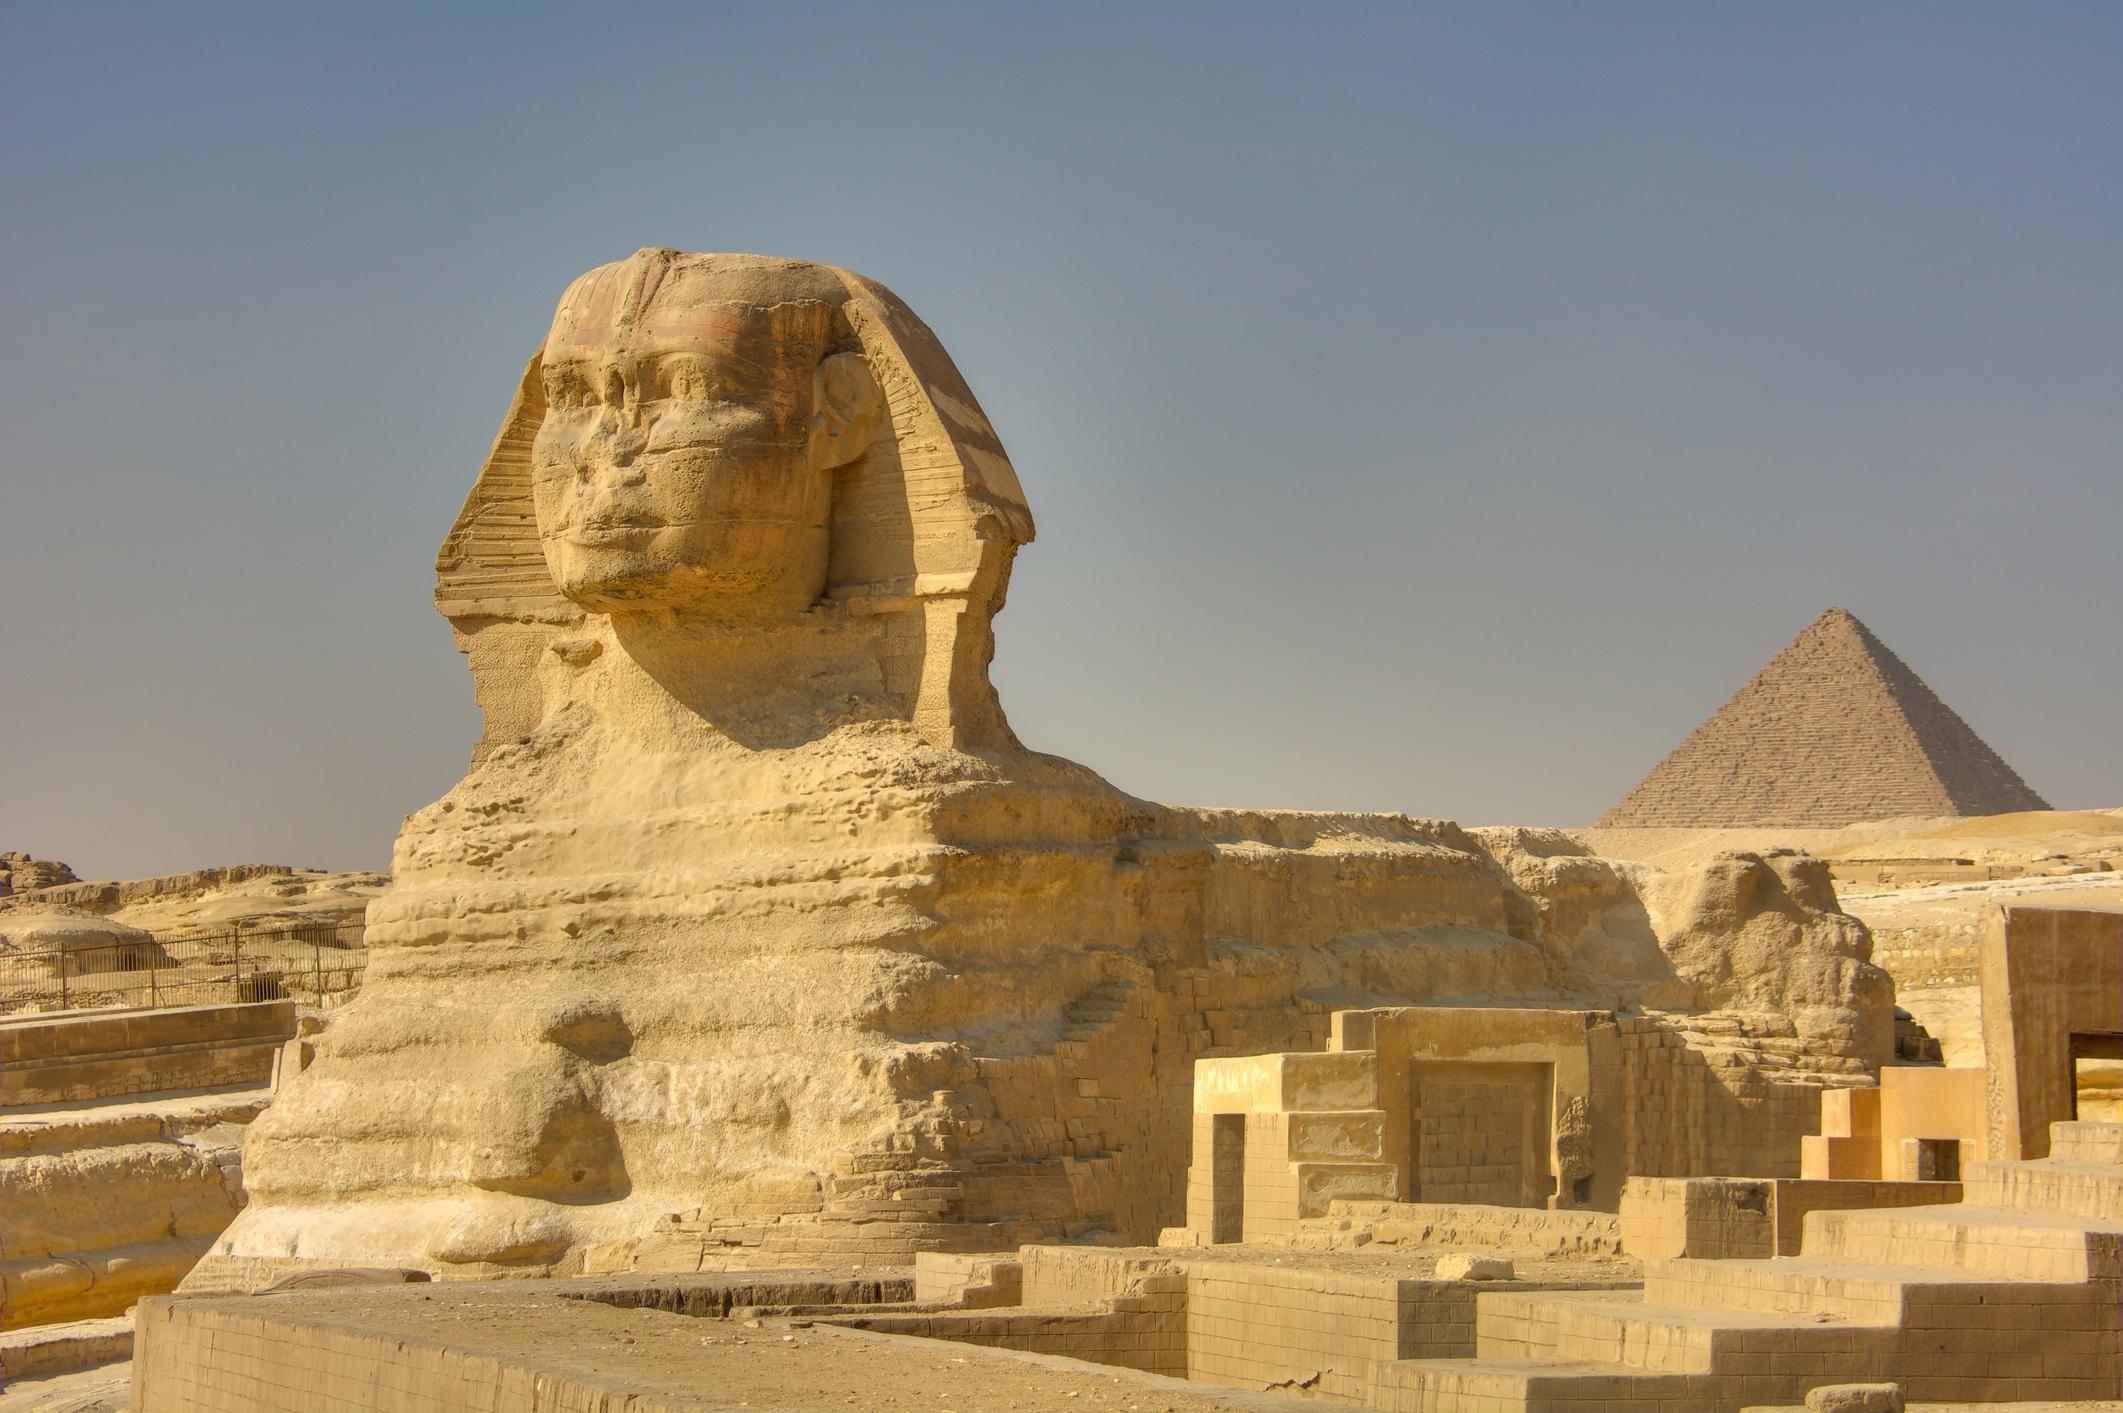 Сфинкс<br /> <br /> Митът за Сфинкса е един от най-старите, тъй като някои версии на неговите легенди датират от 9,500 пр.н.е. Това е най-добре известно от великите статуи на Египет. Там обикновено е лъв с глава на човек, често украсен с корона на фараона. За египтяните тези митологични същества са били велики и мощни зверове. Често лицата им ще бъдат издълбани по подобие на фараона, най-вероятно като начин да покажат владетелите си като божества, които са наполовина лъвове, наполовина хора.